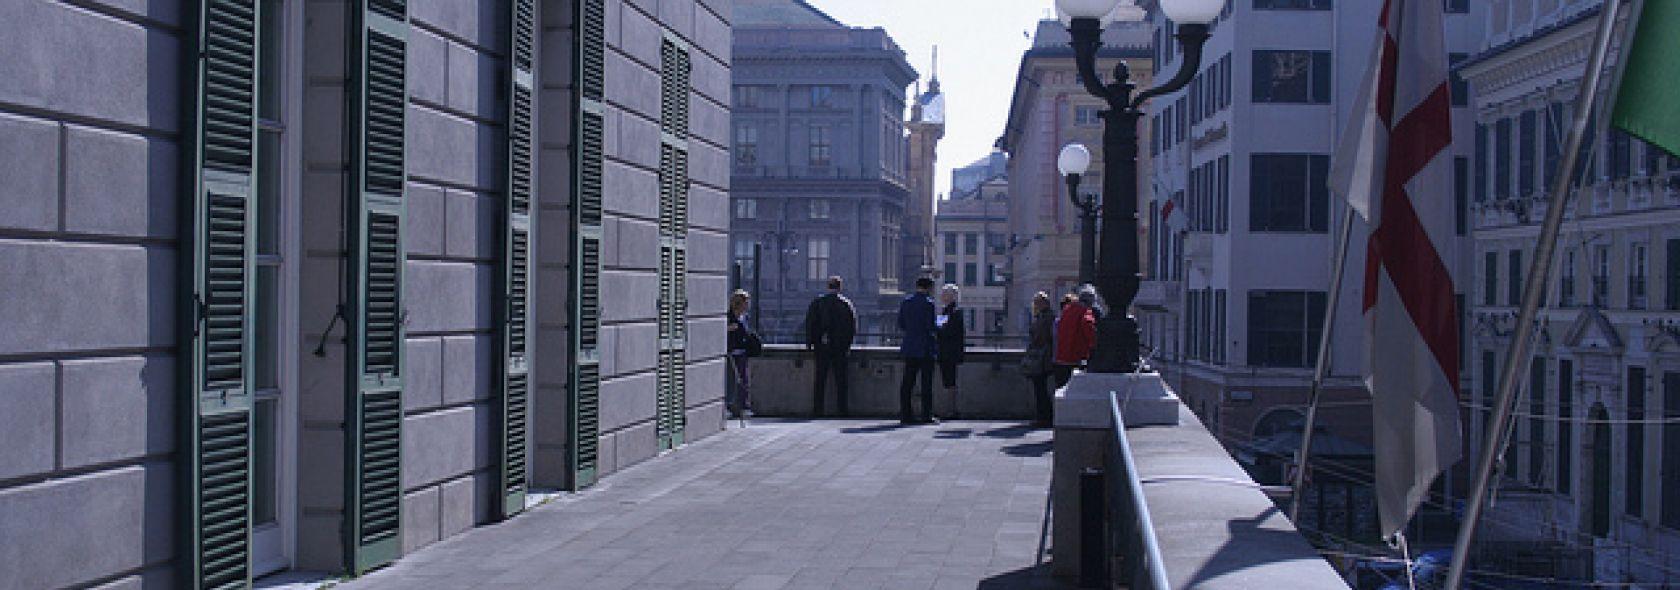 Teatro Carlo Felice - balcon - scenografia - foto: Ruocco - ©genovacittadigitale